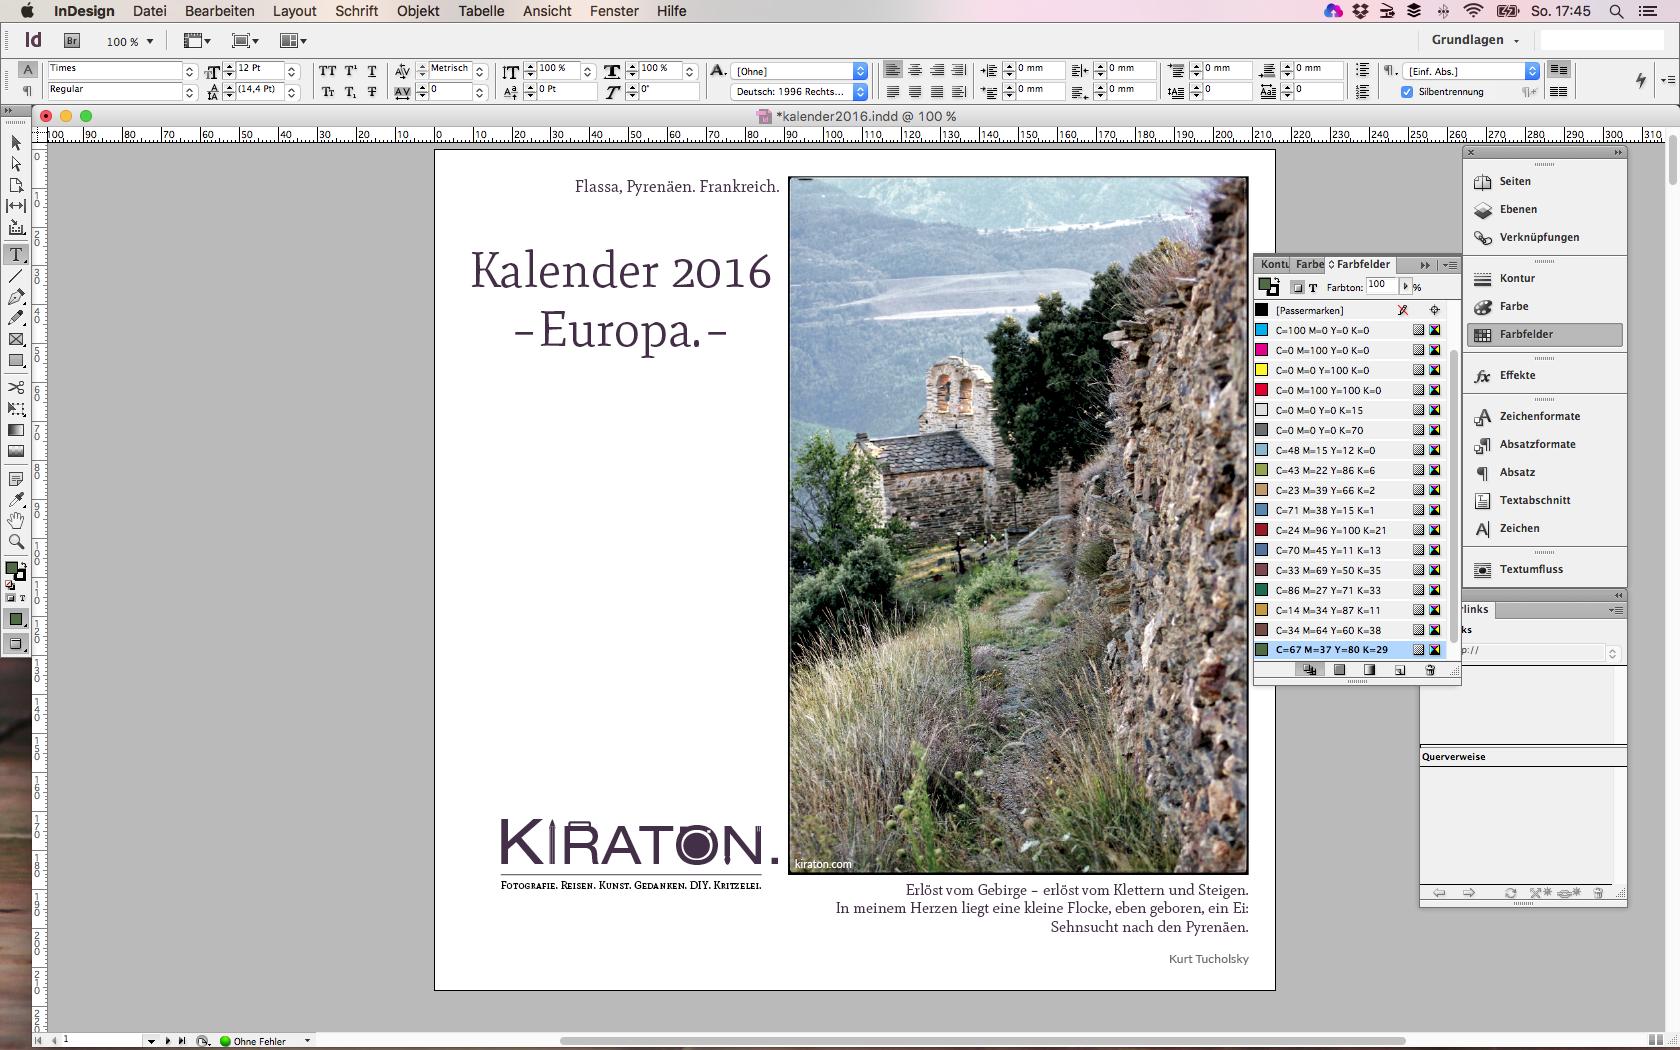 Kalender 2016 | Europa.